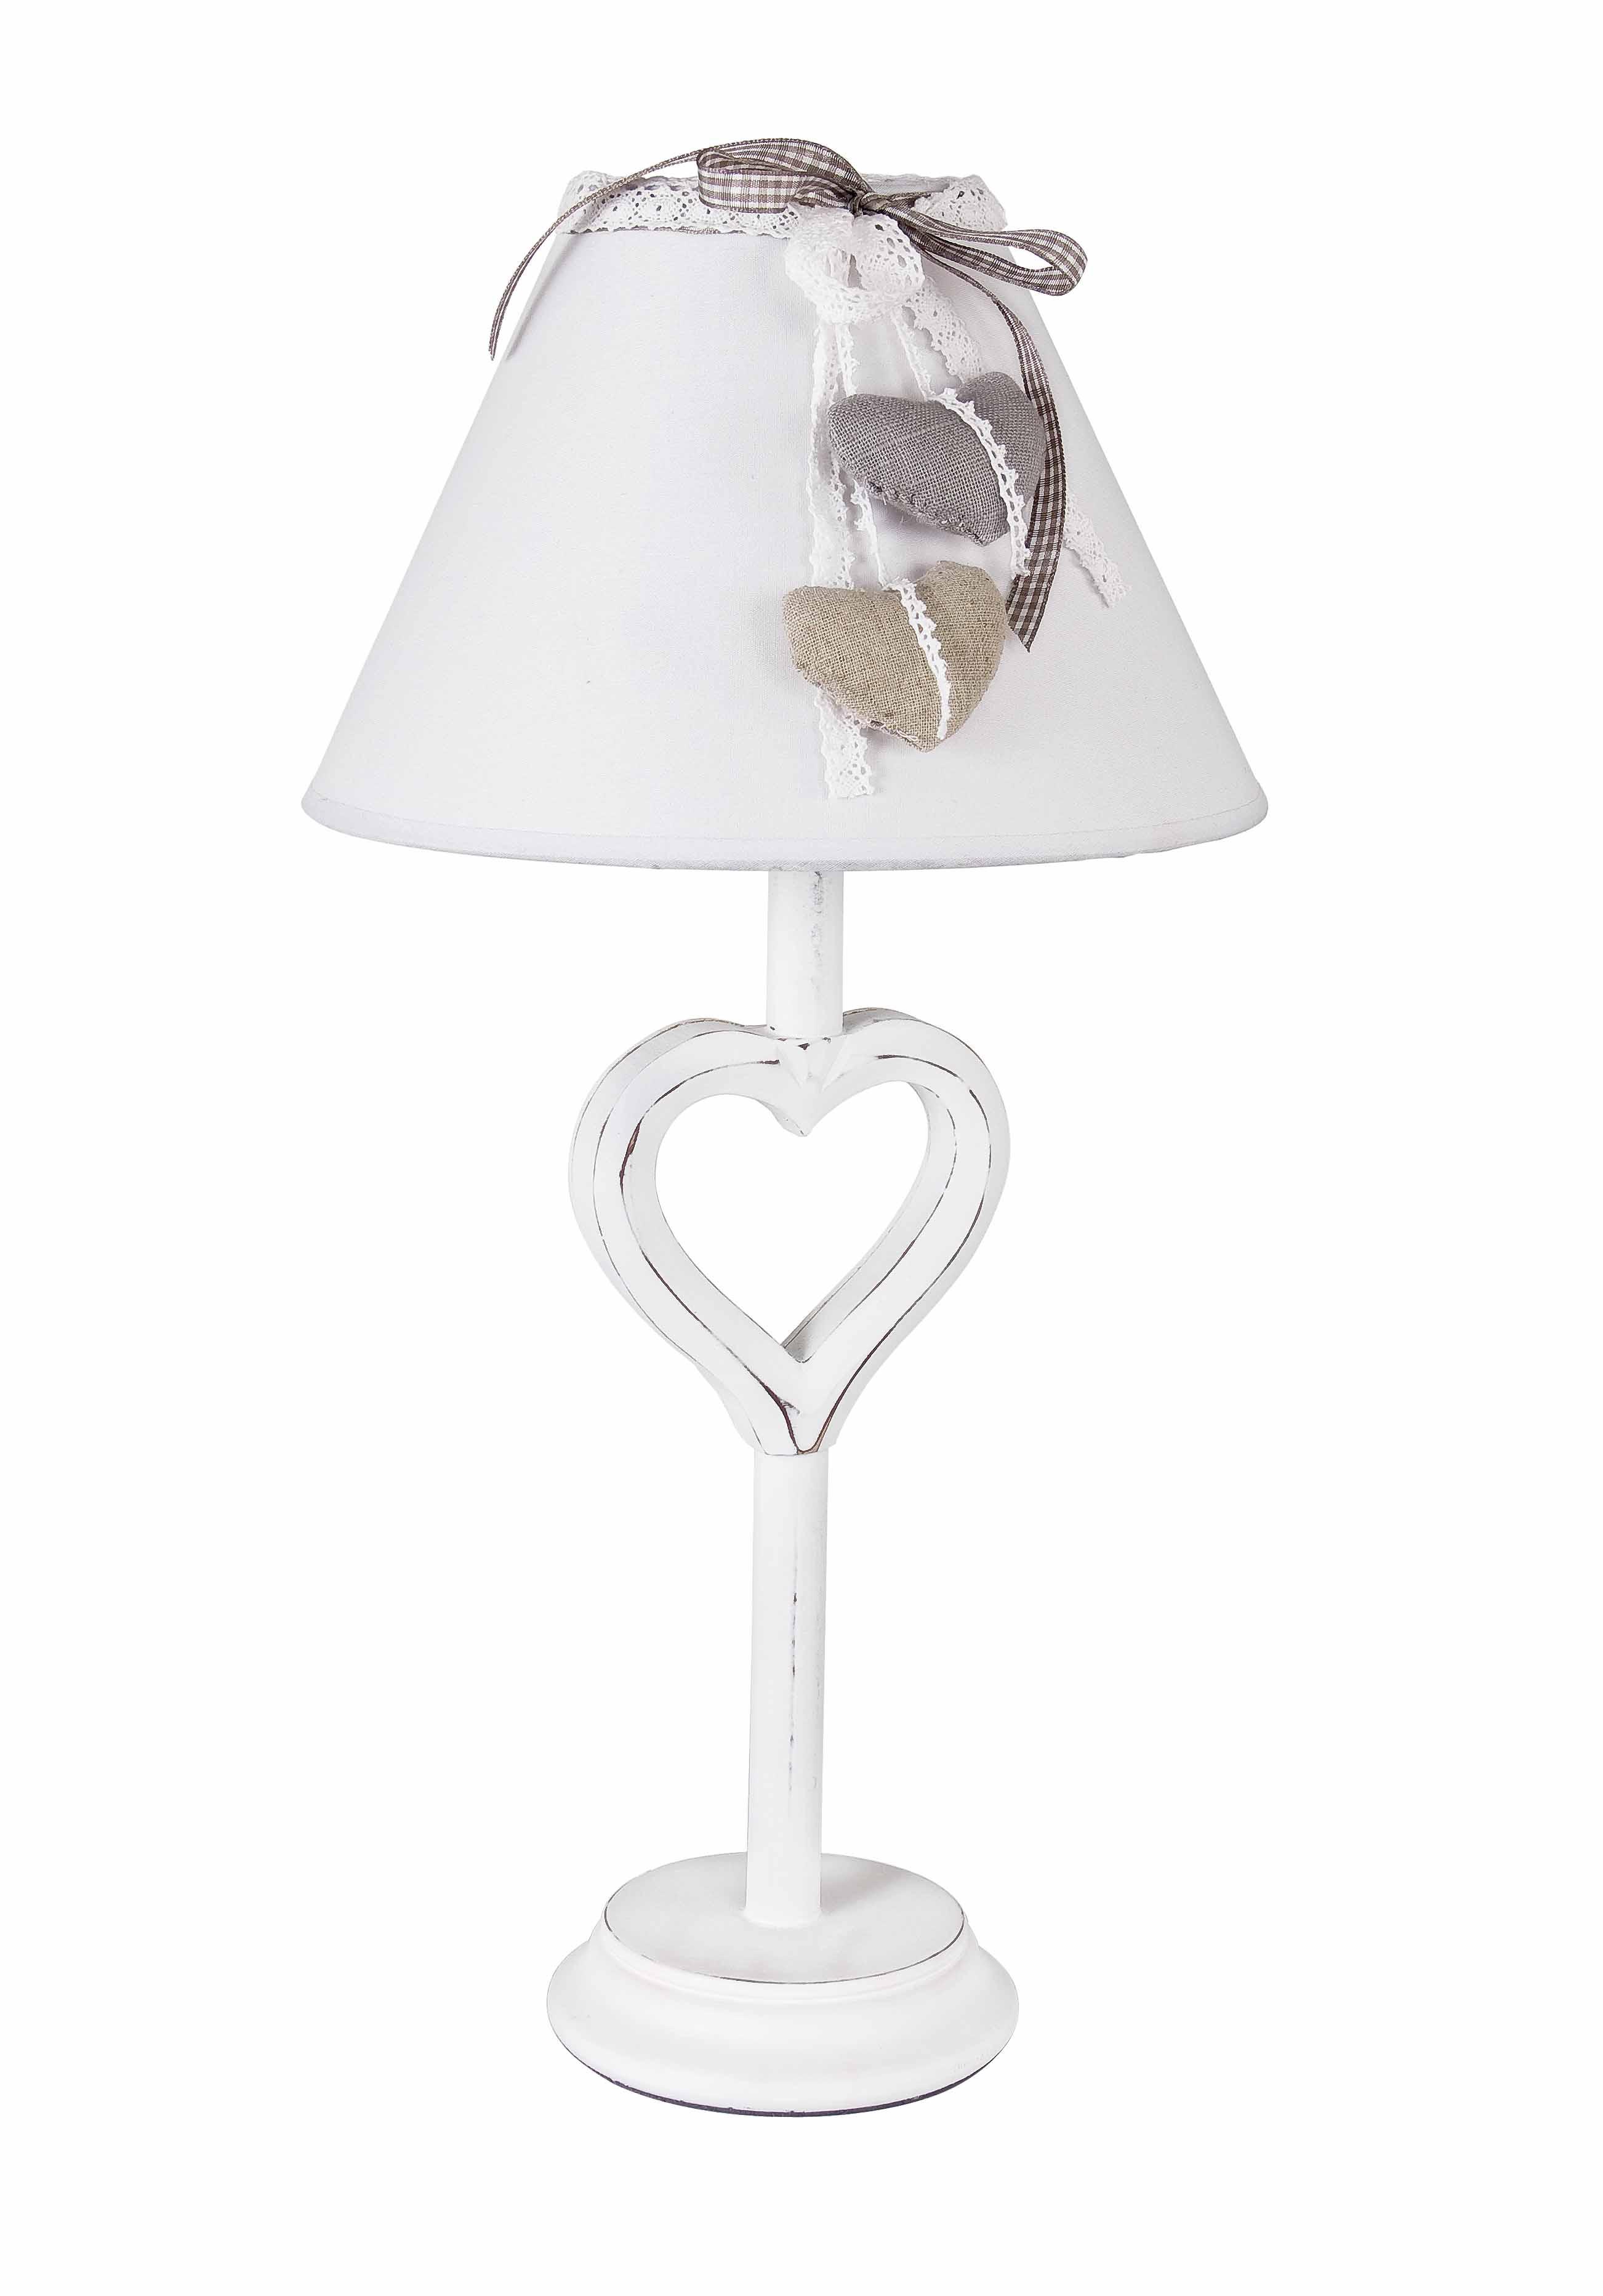 Lampada paralume heart legno bizzotto pratiko store - Lampada da tavolo legno ...